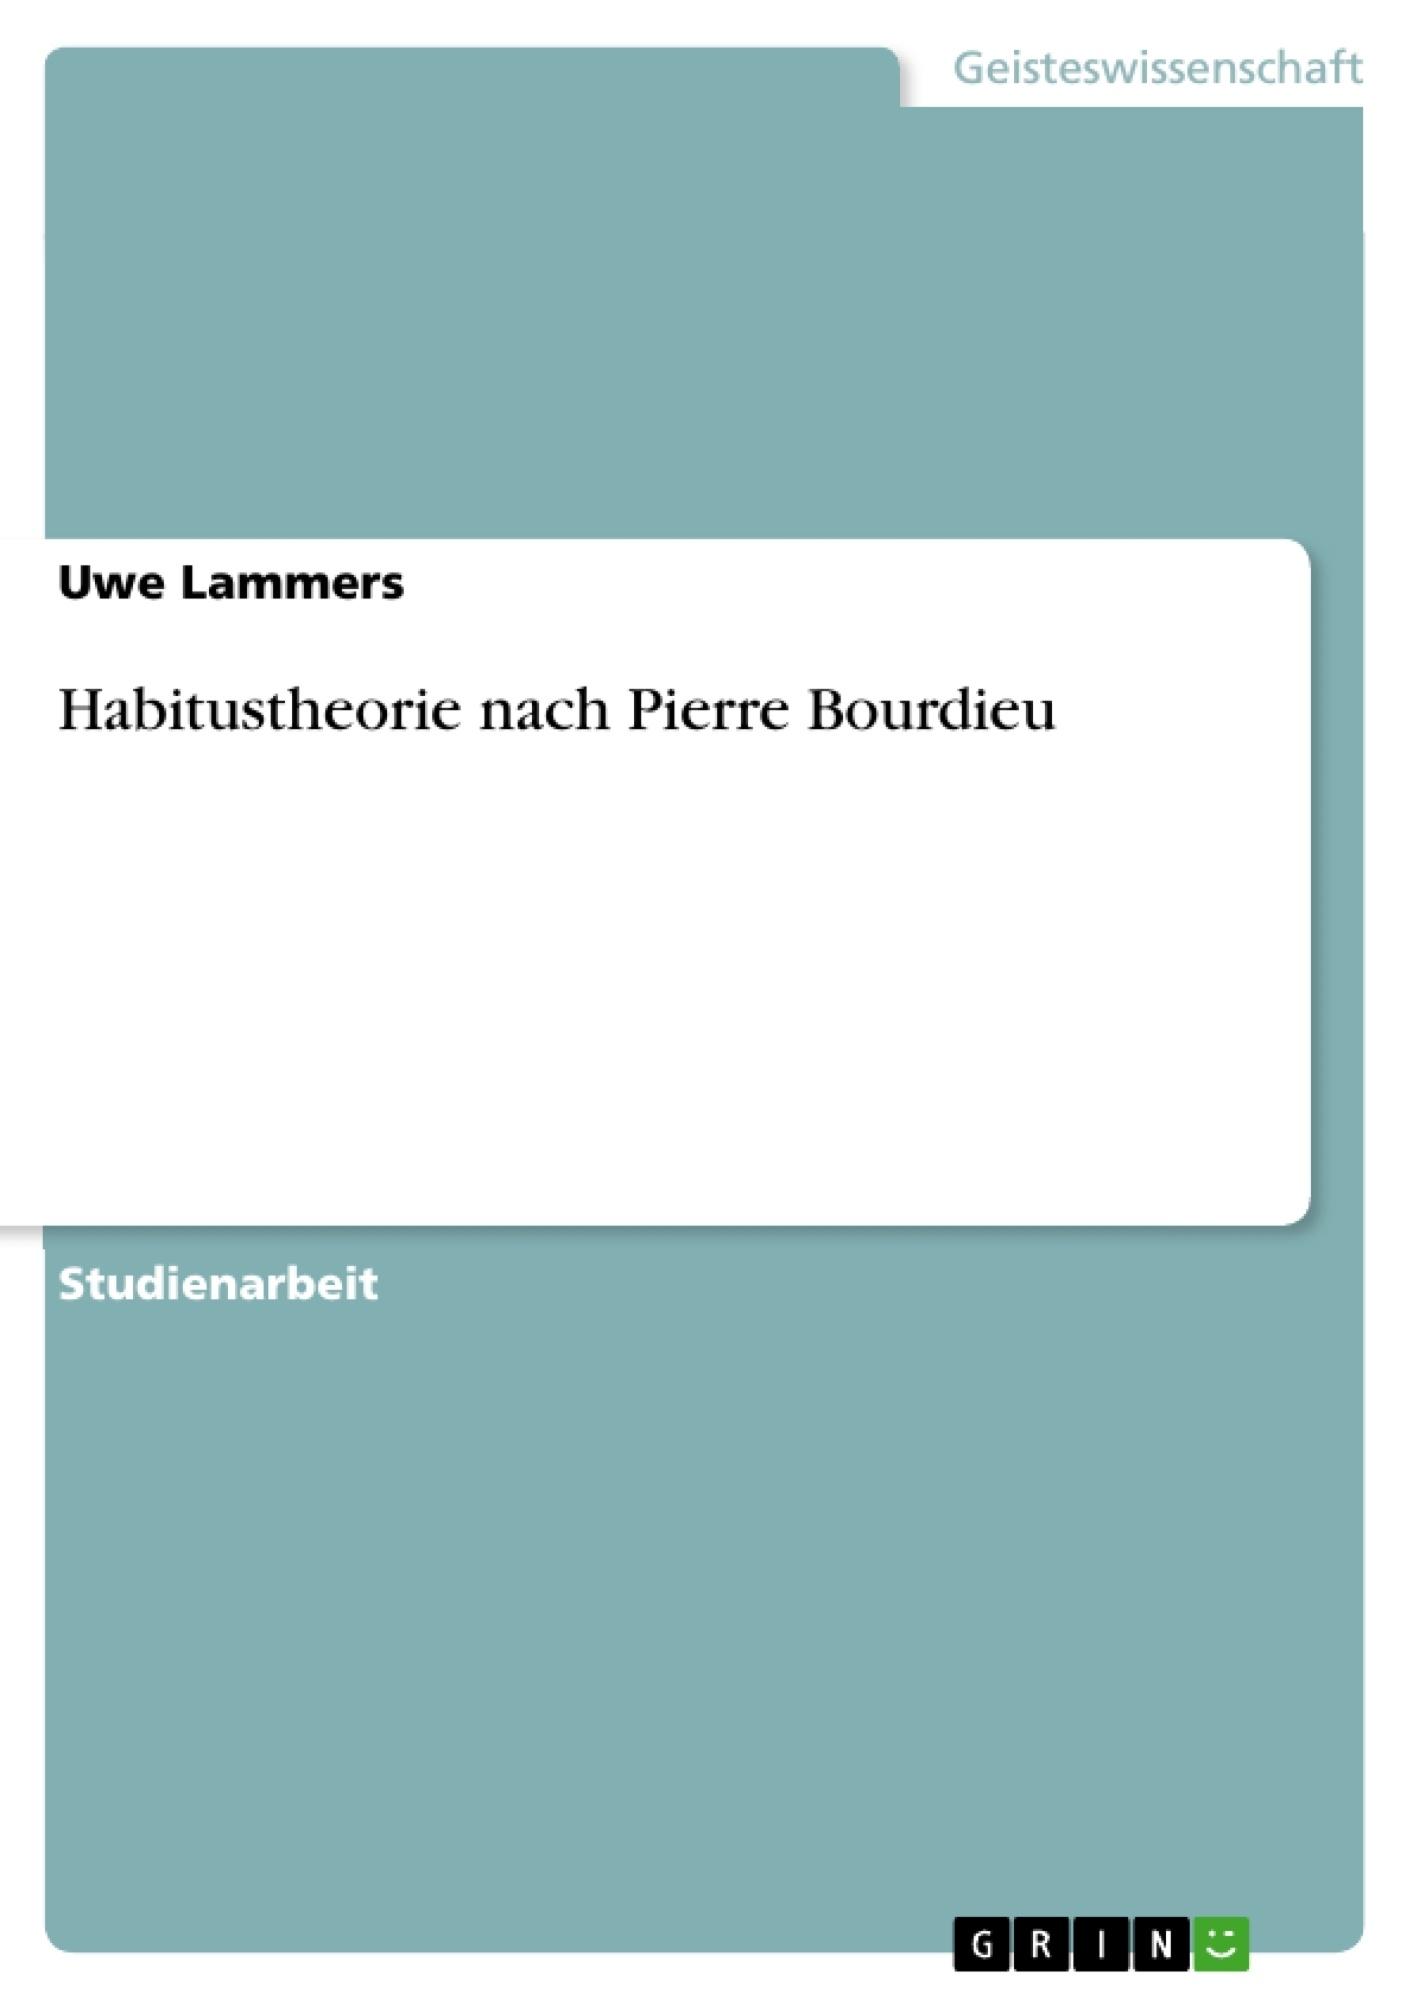 Titel: Habitustheorie nach Pierre Bourdieu